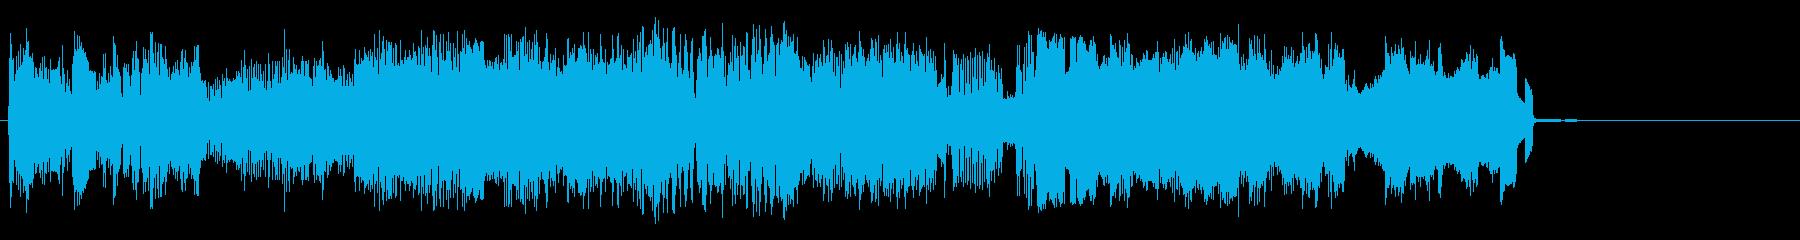 妨害送信の再生済みの波形